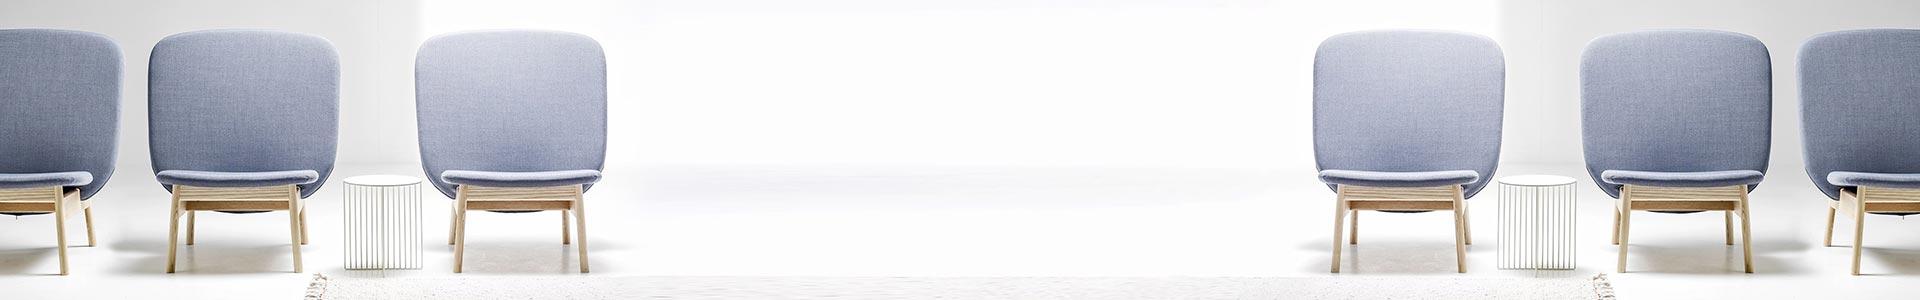 Vendita online complementi d 39 arredo e accessori per la for Complementi di arredo per ufficio